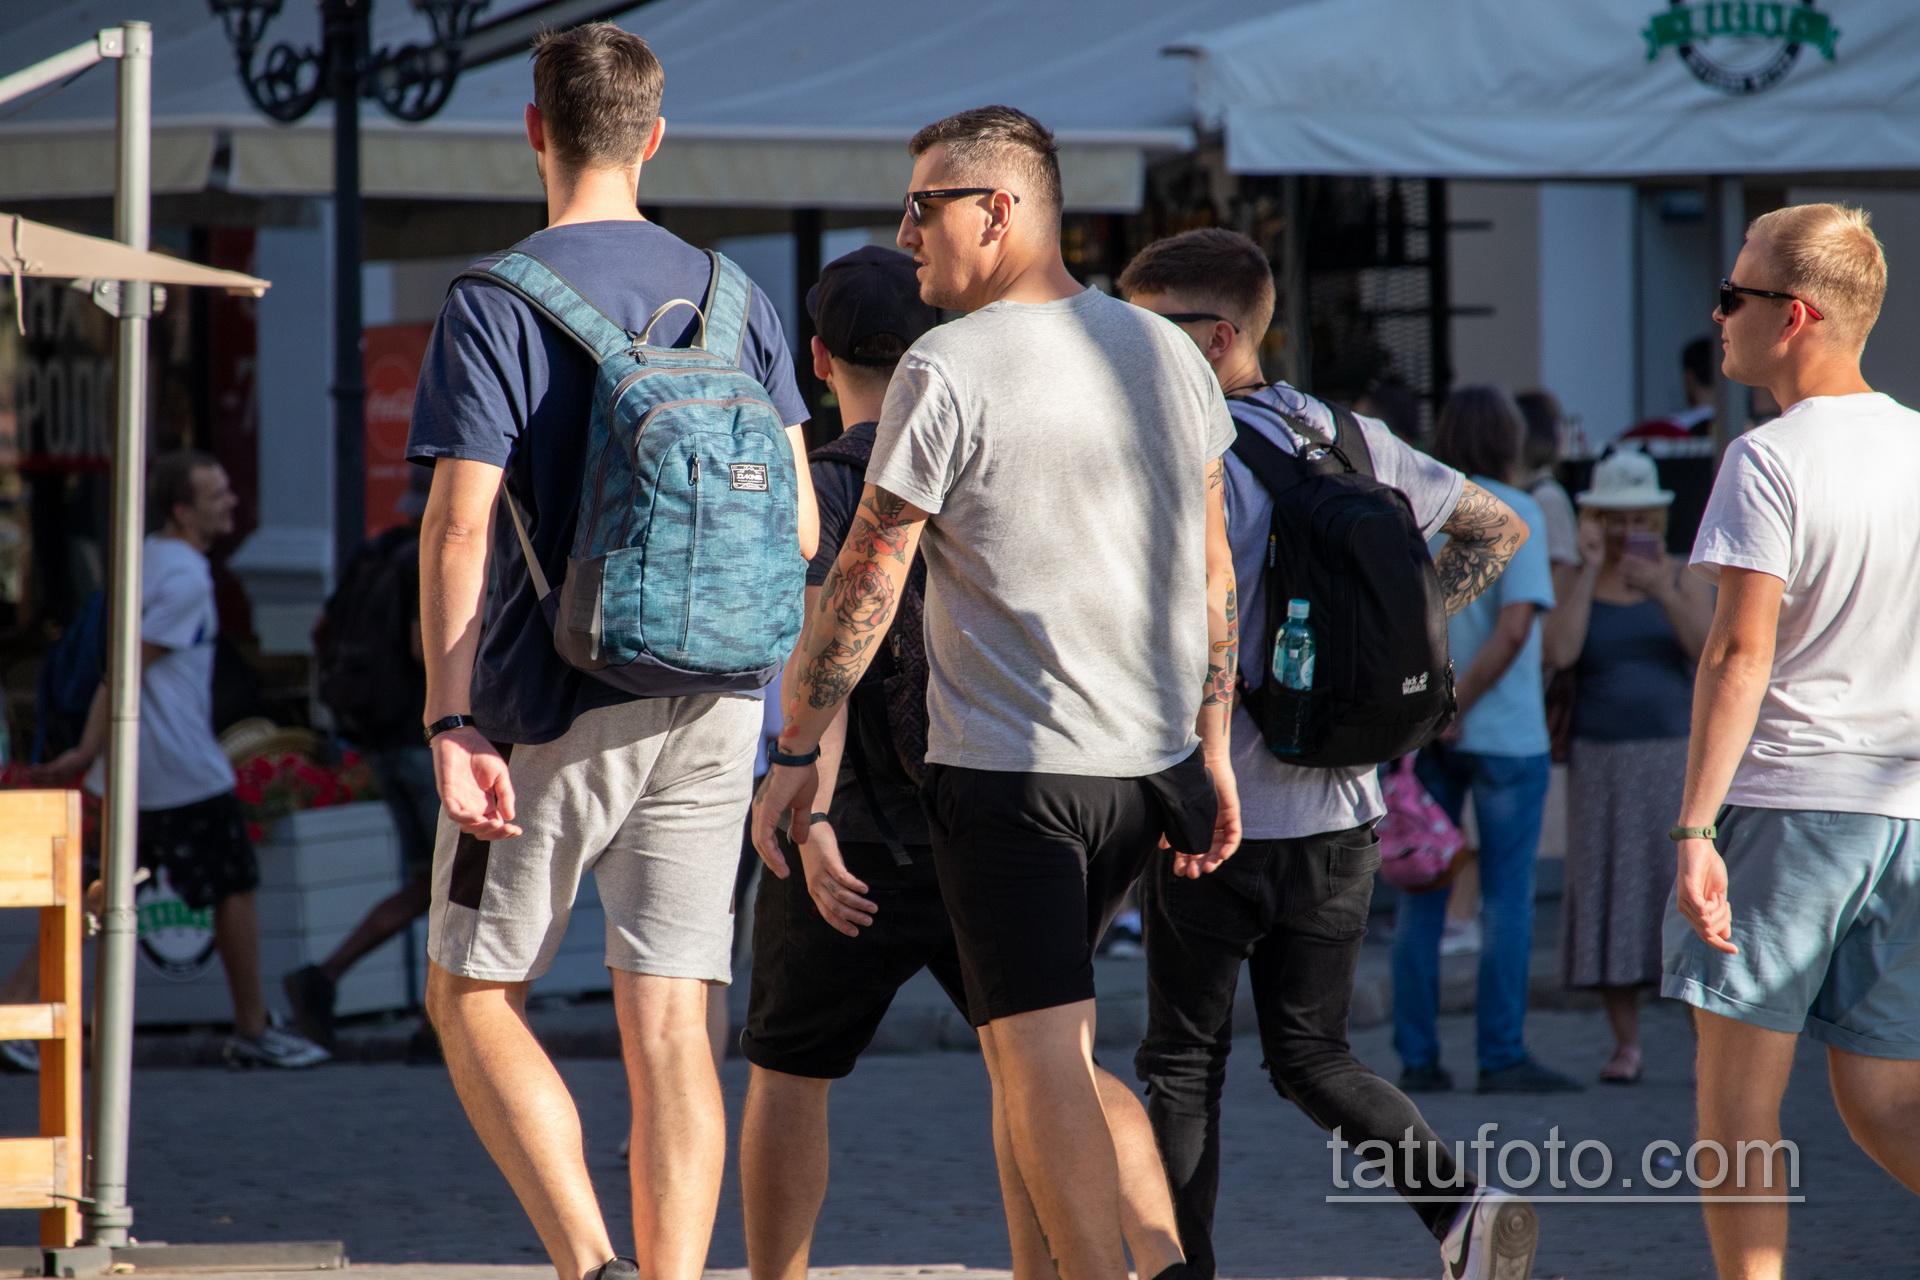 Олд Скул тату с розой – девушкой и кинжалом на руке у парня – Уличная татуировка 14.09.2020 – tatufoto.com 6